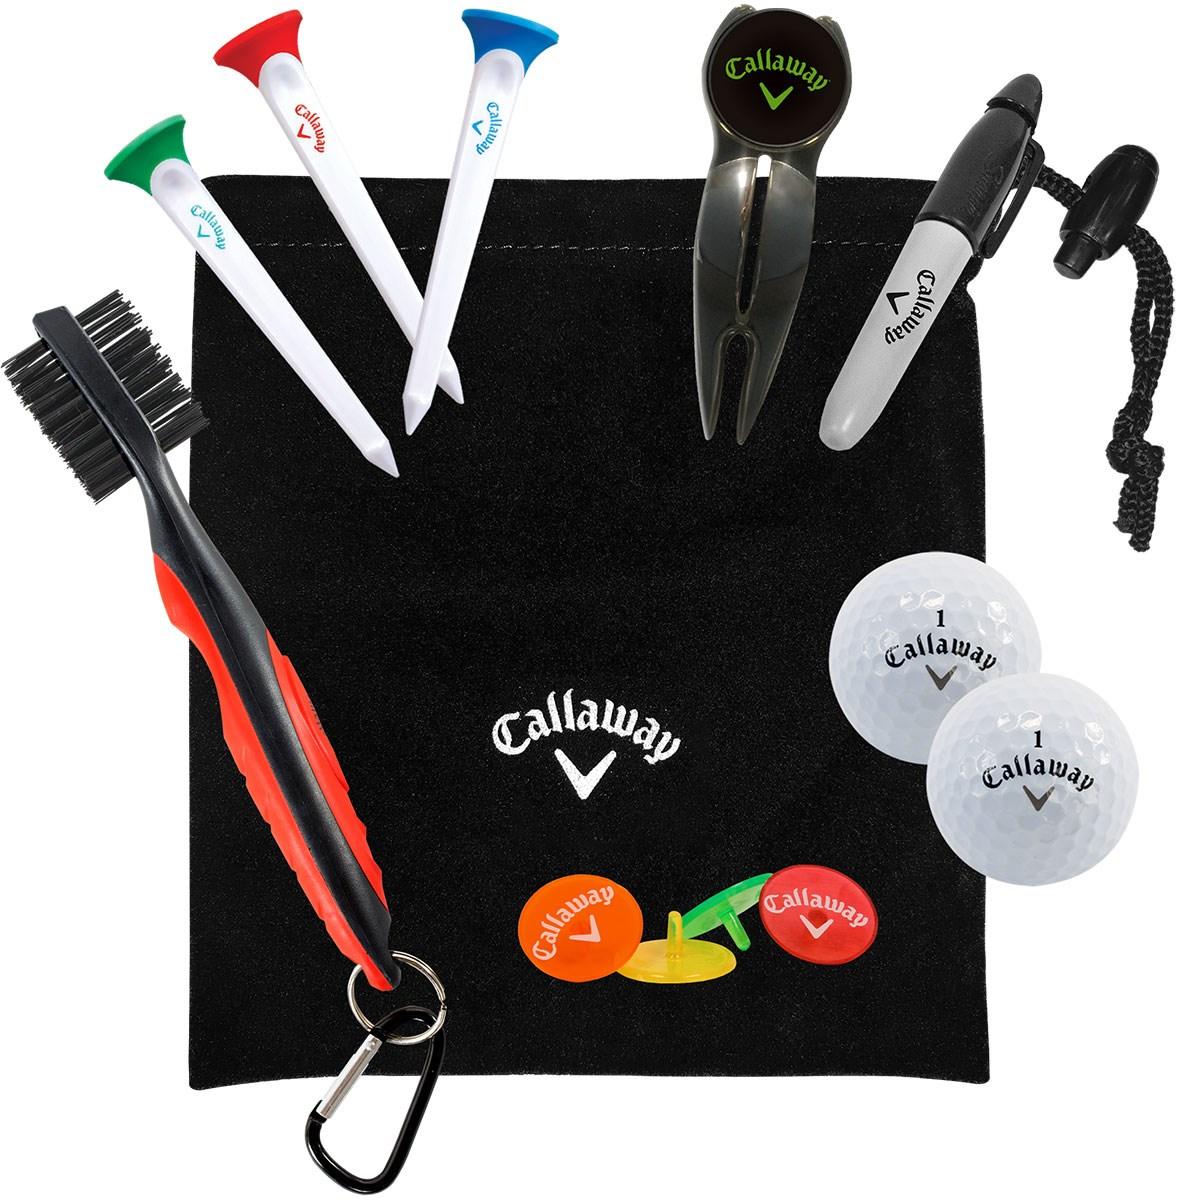 キャロウェイゴルフ(Callaway Golf) スターターセット II